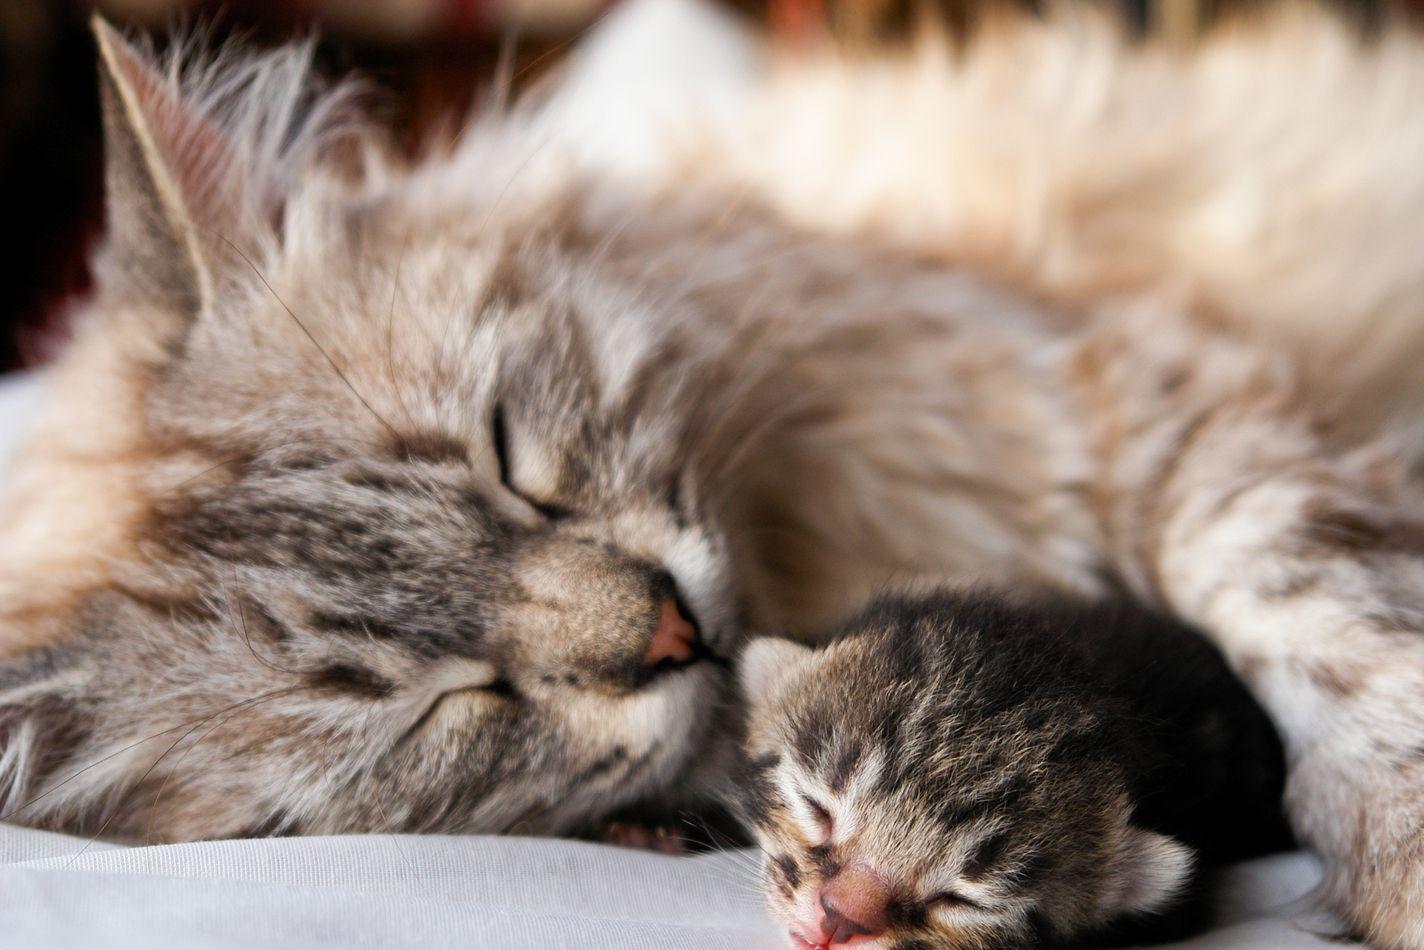 Mother Cat And Kitten Sleeping Sleeping Kitten Kitten Pictures Cats And Kittens